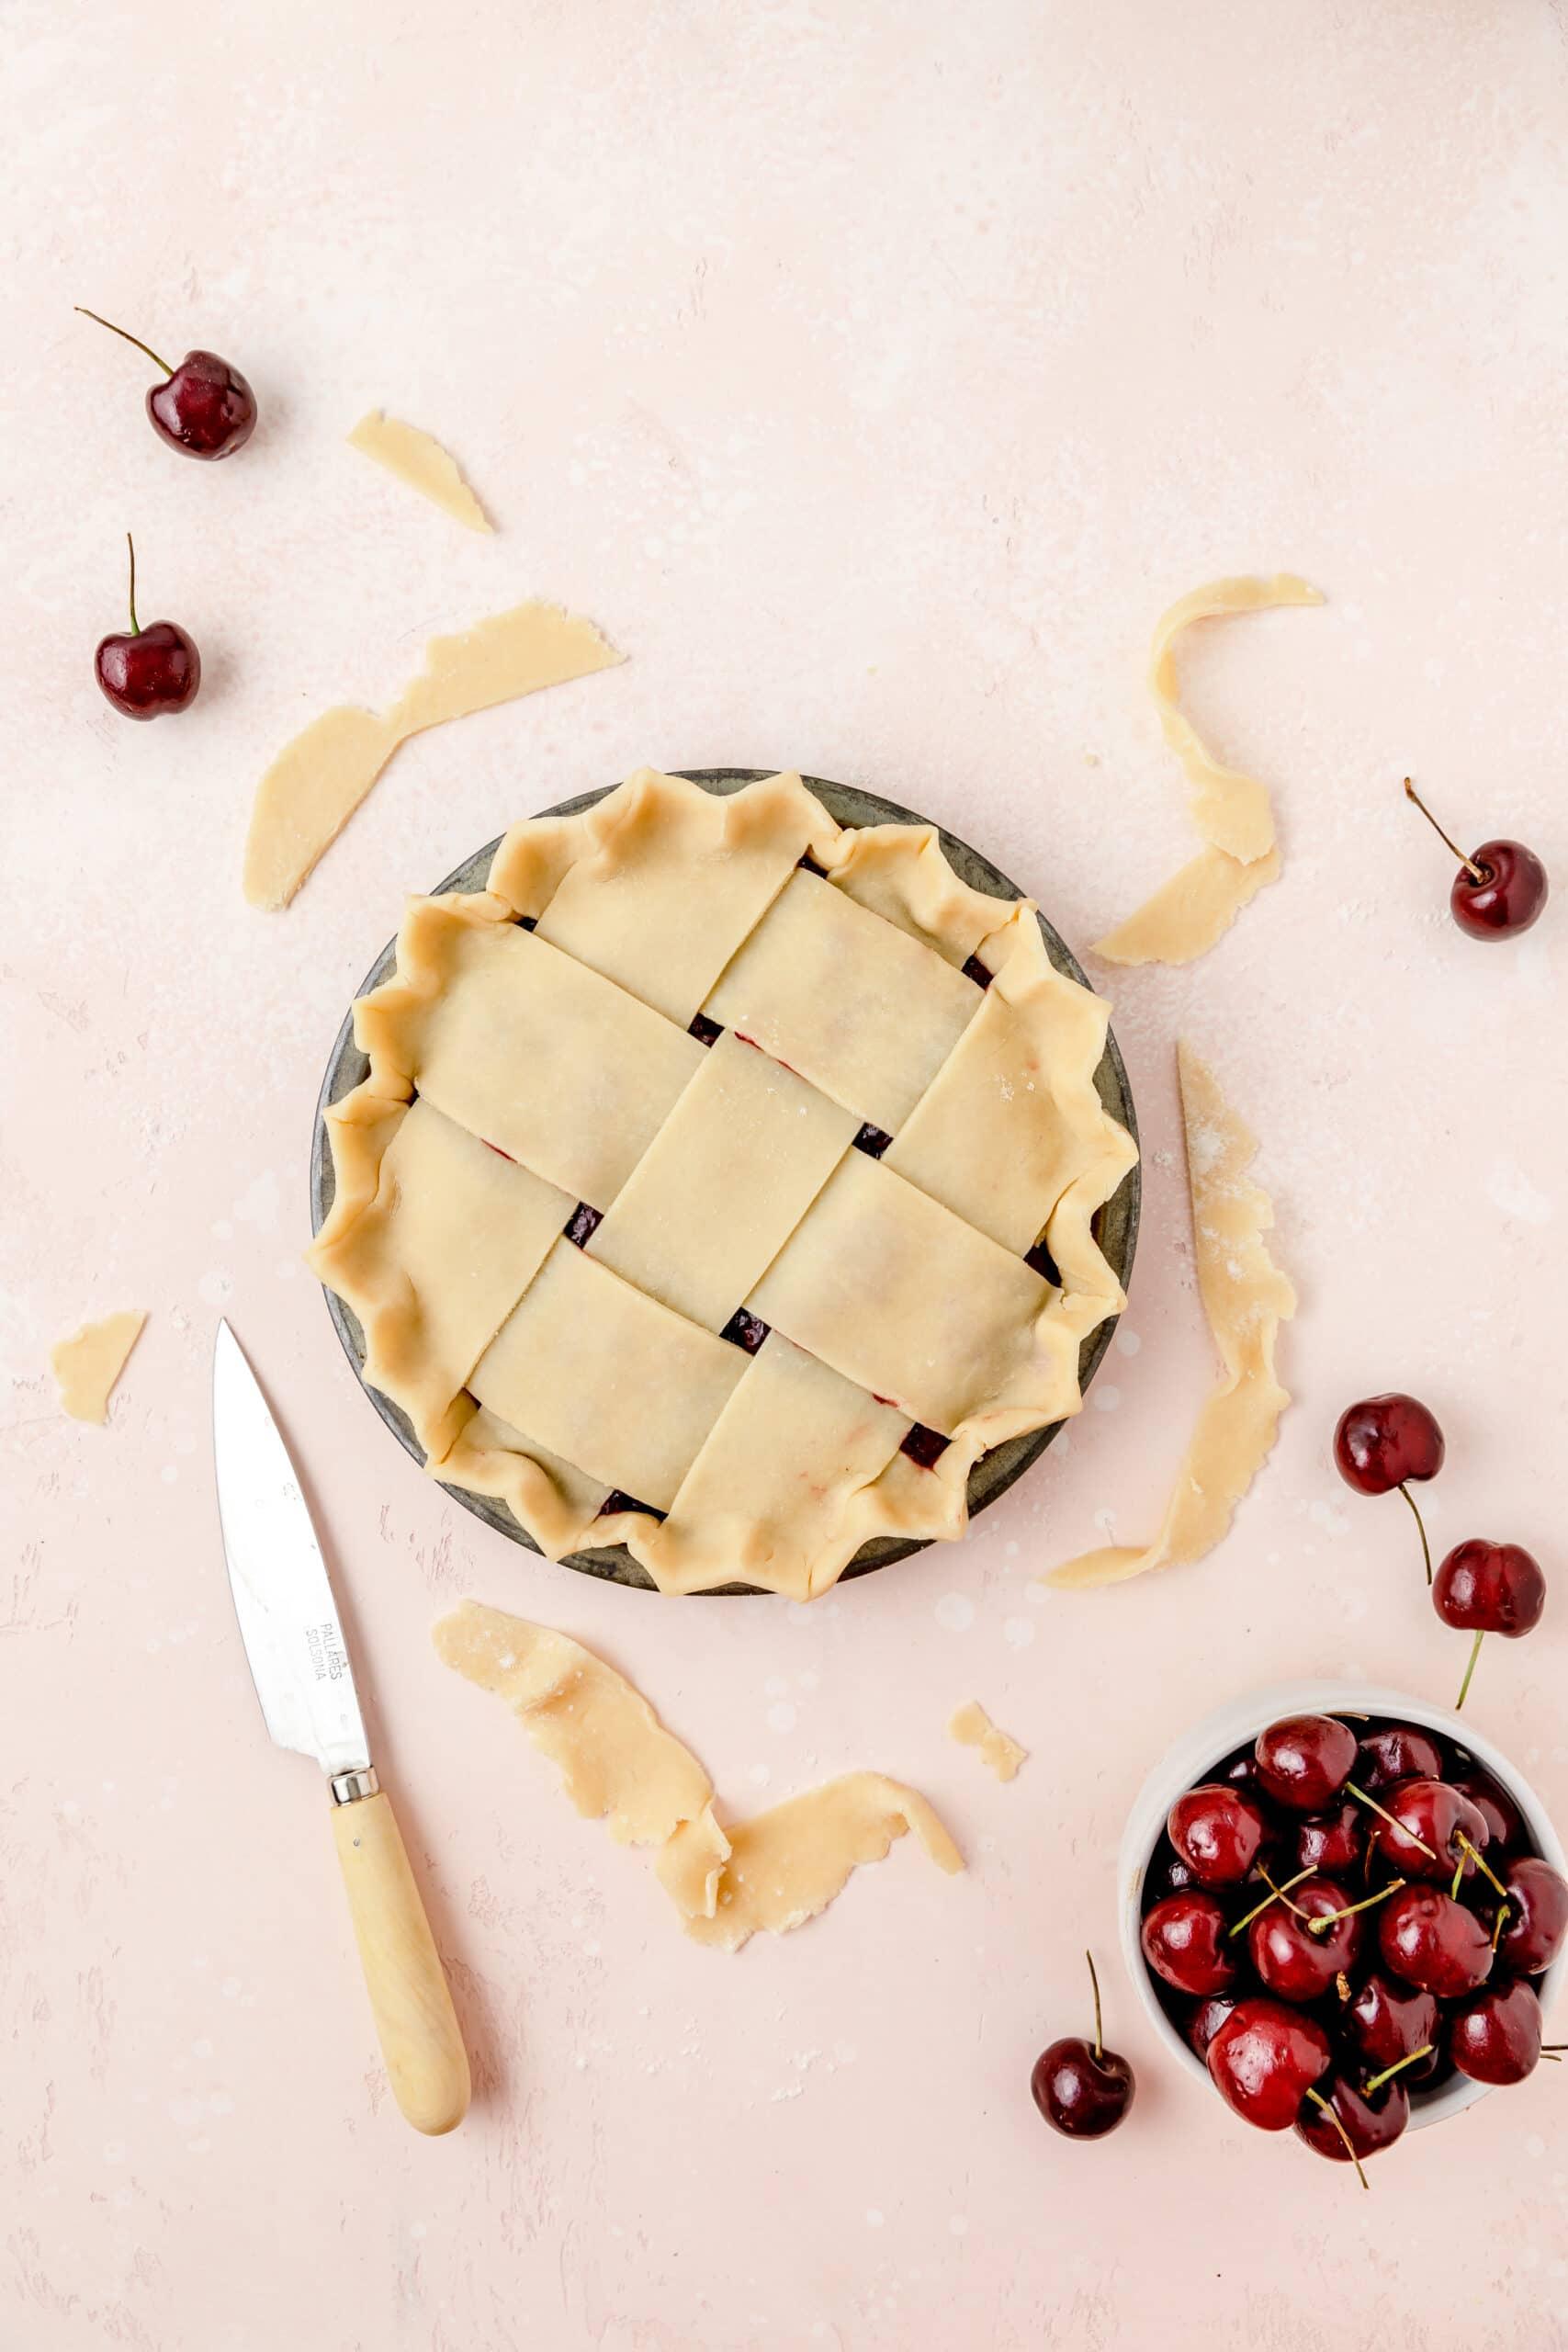 cherry pie with lattice homemade pie crust before baking